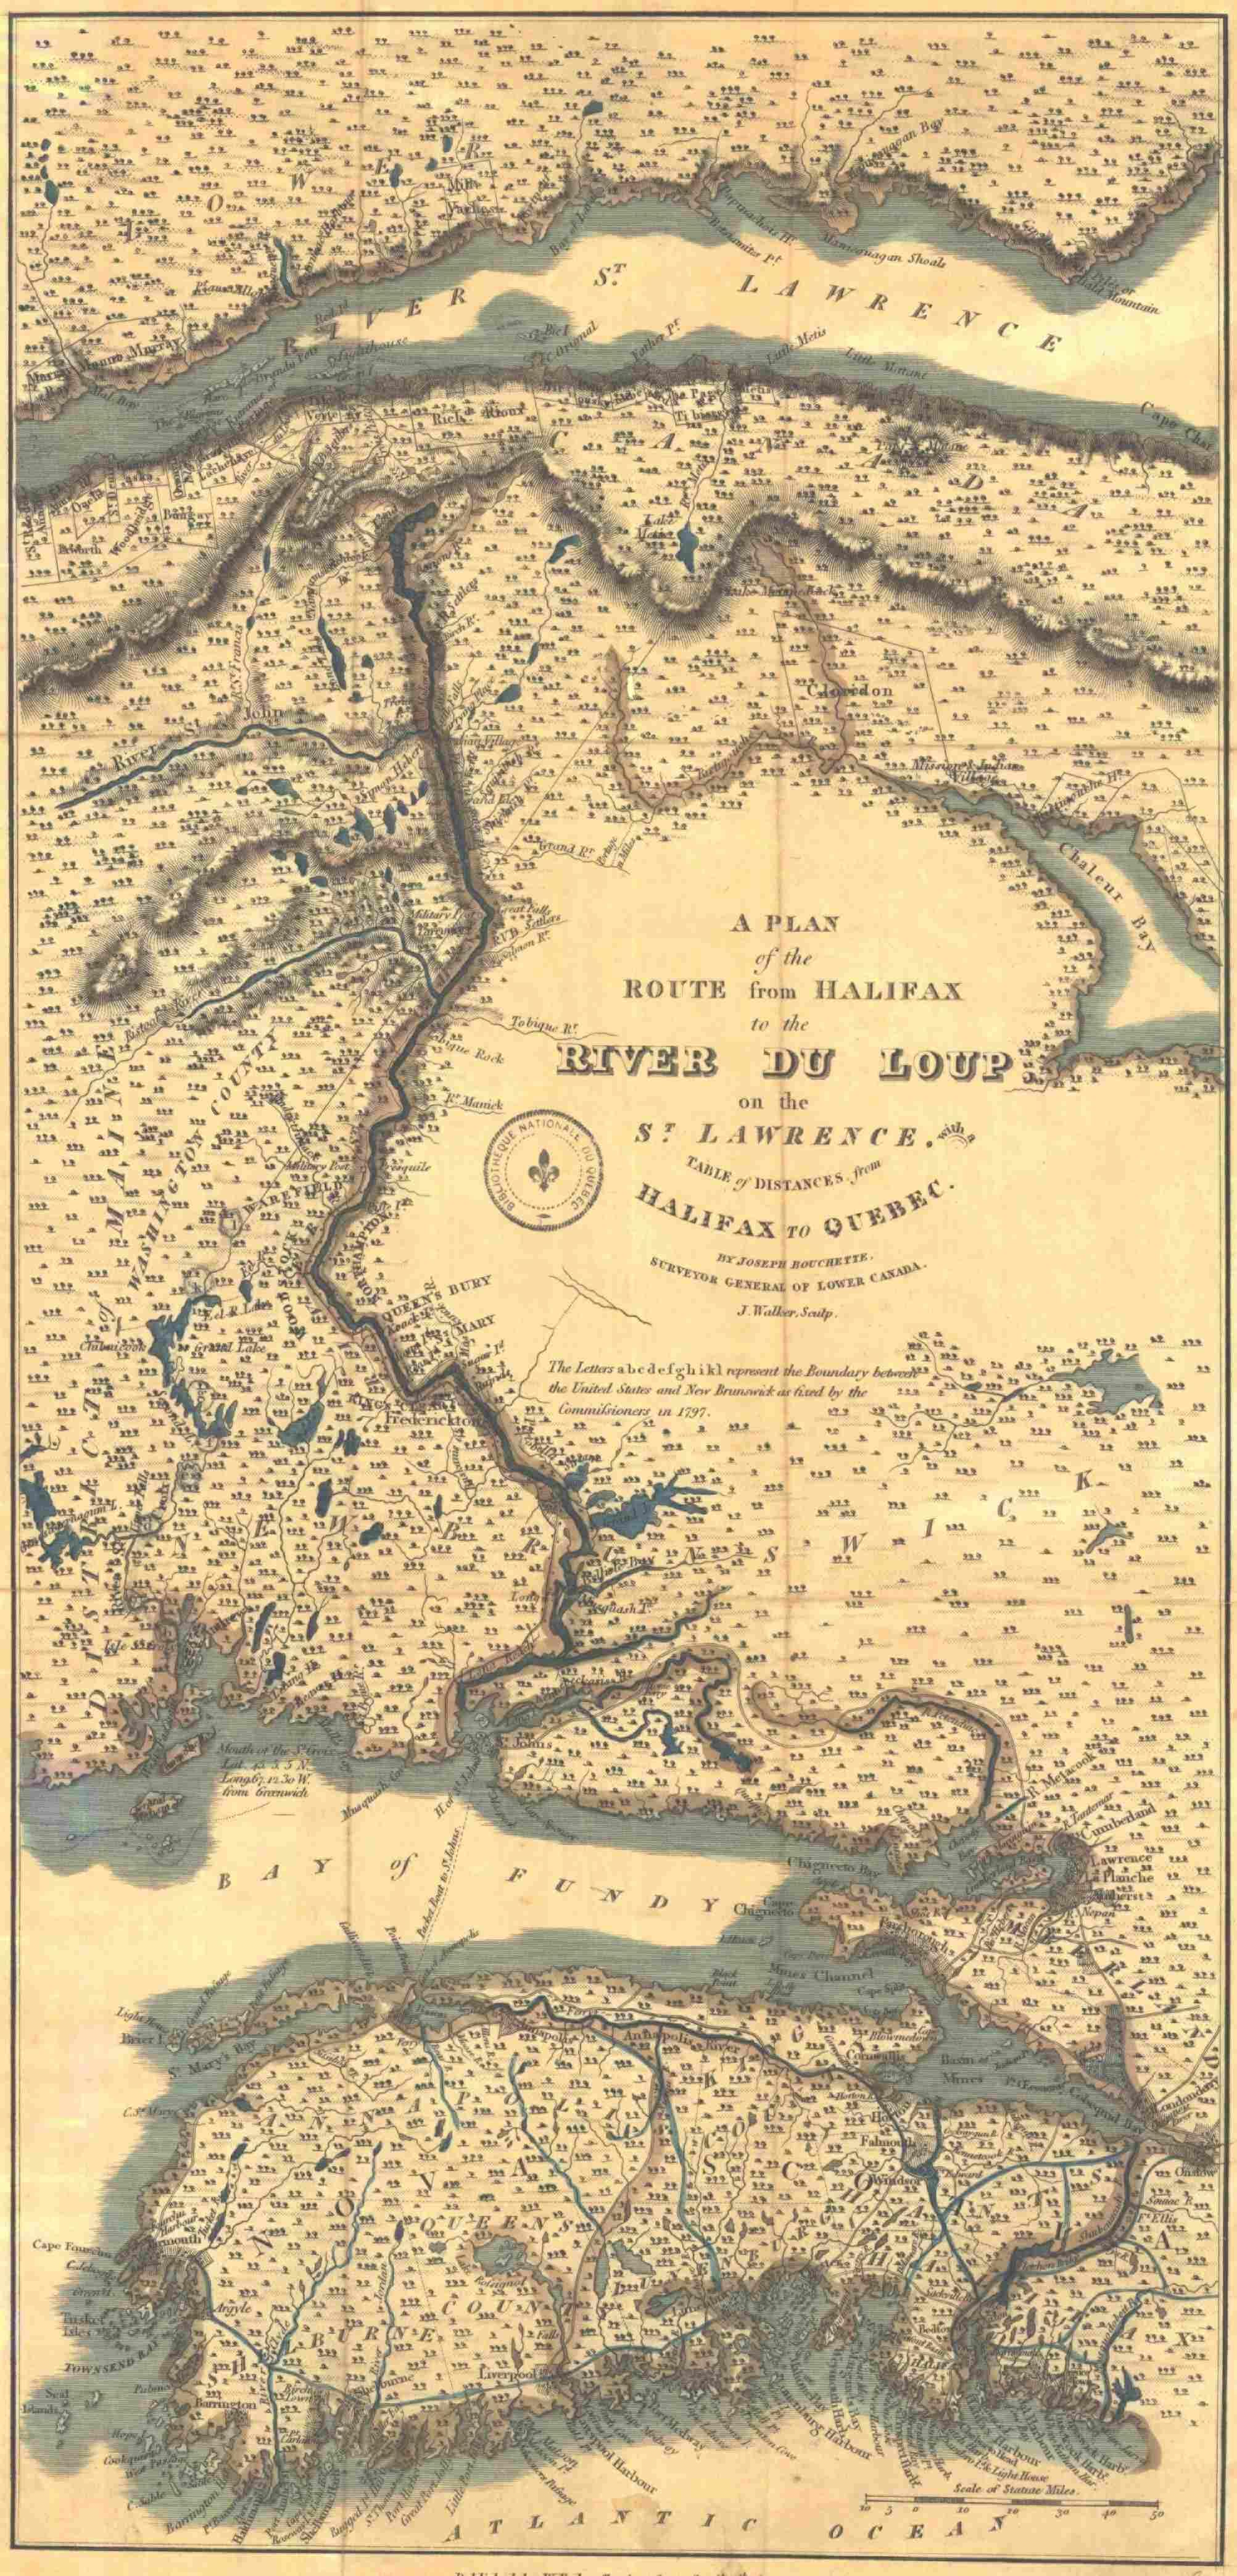 Carte ancienne du territoire compris entre l'embouchure du Saint-Laurent, au nord, et l'océan Atlantique, au sud (en anglais).